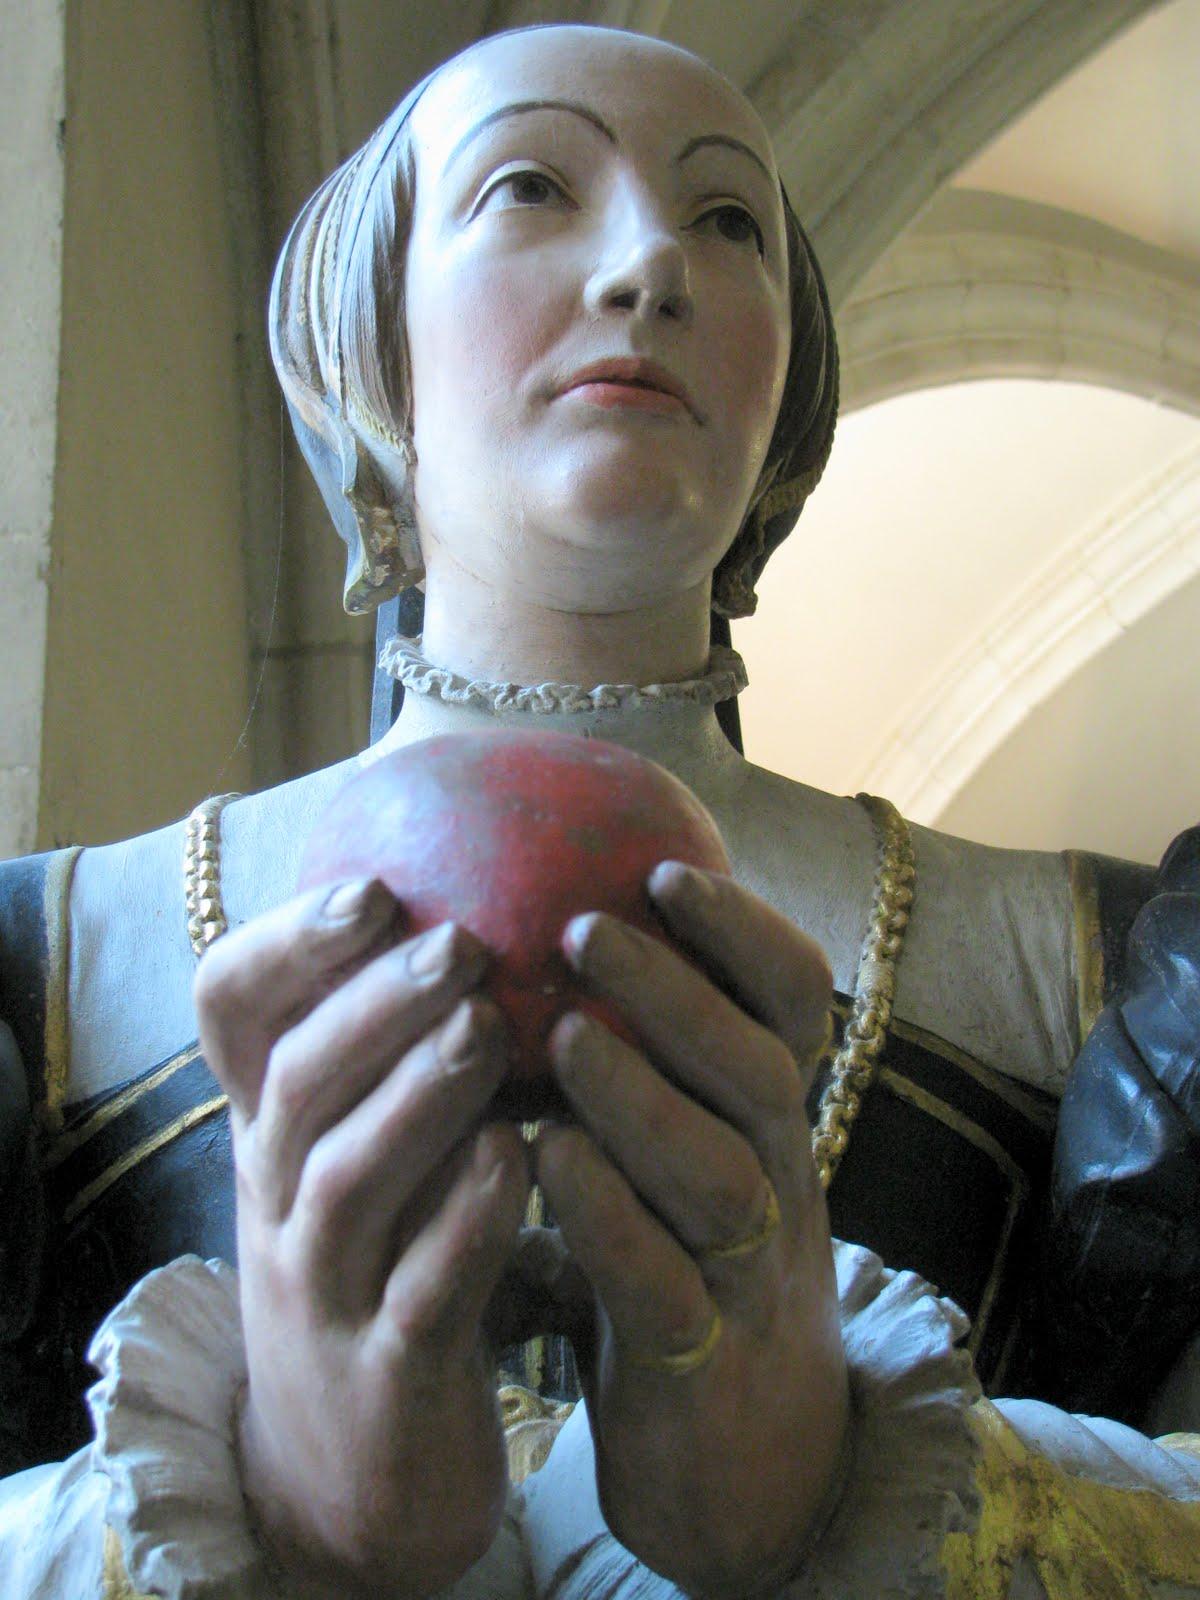 1571 (approx) - scultpure pour le monument funéraire d'Antoinette de Fontette (Musée des Beaux-Arts de Dijon) - https://picasaweb.google.com/lh/photo/DYOBt4A2pZxhUZMHele_gQ